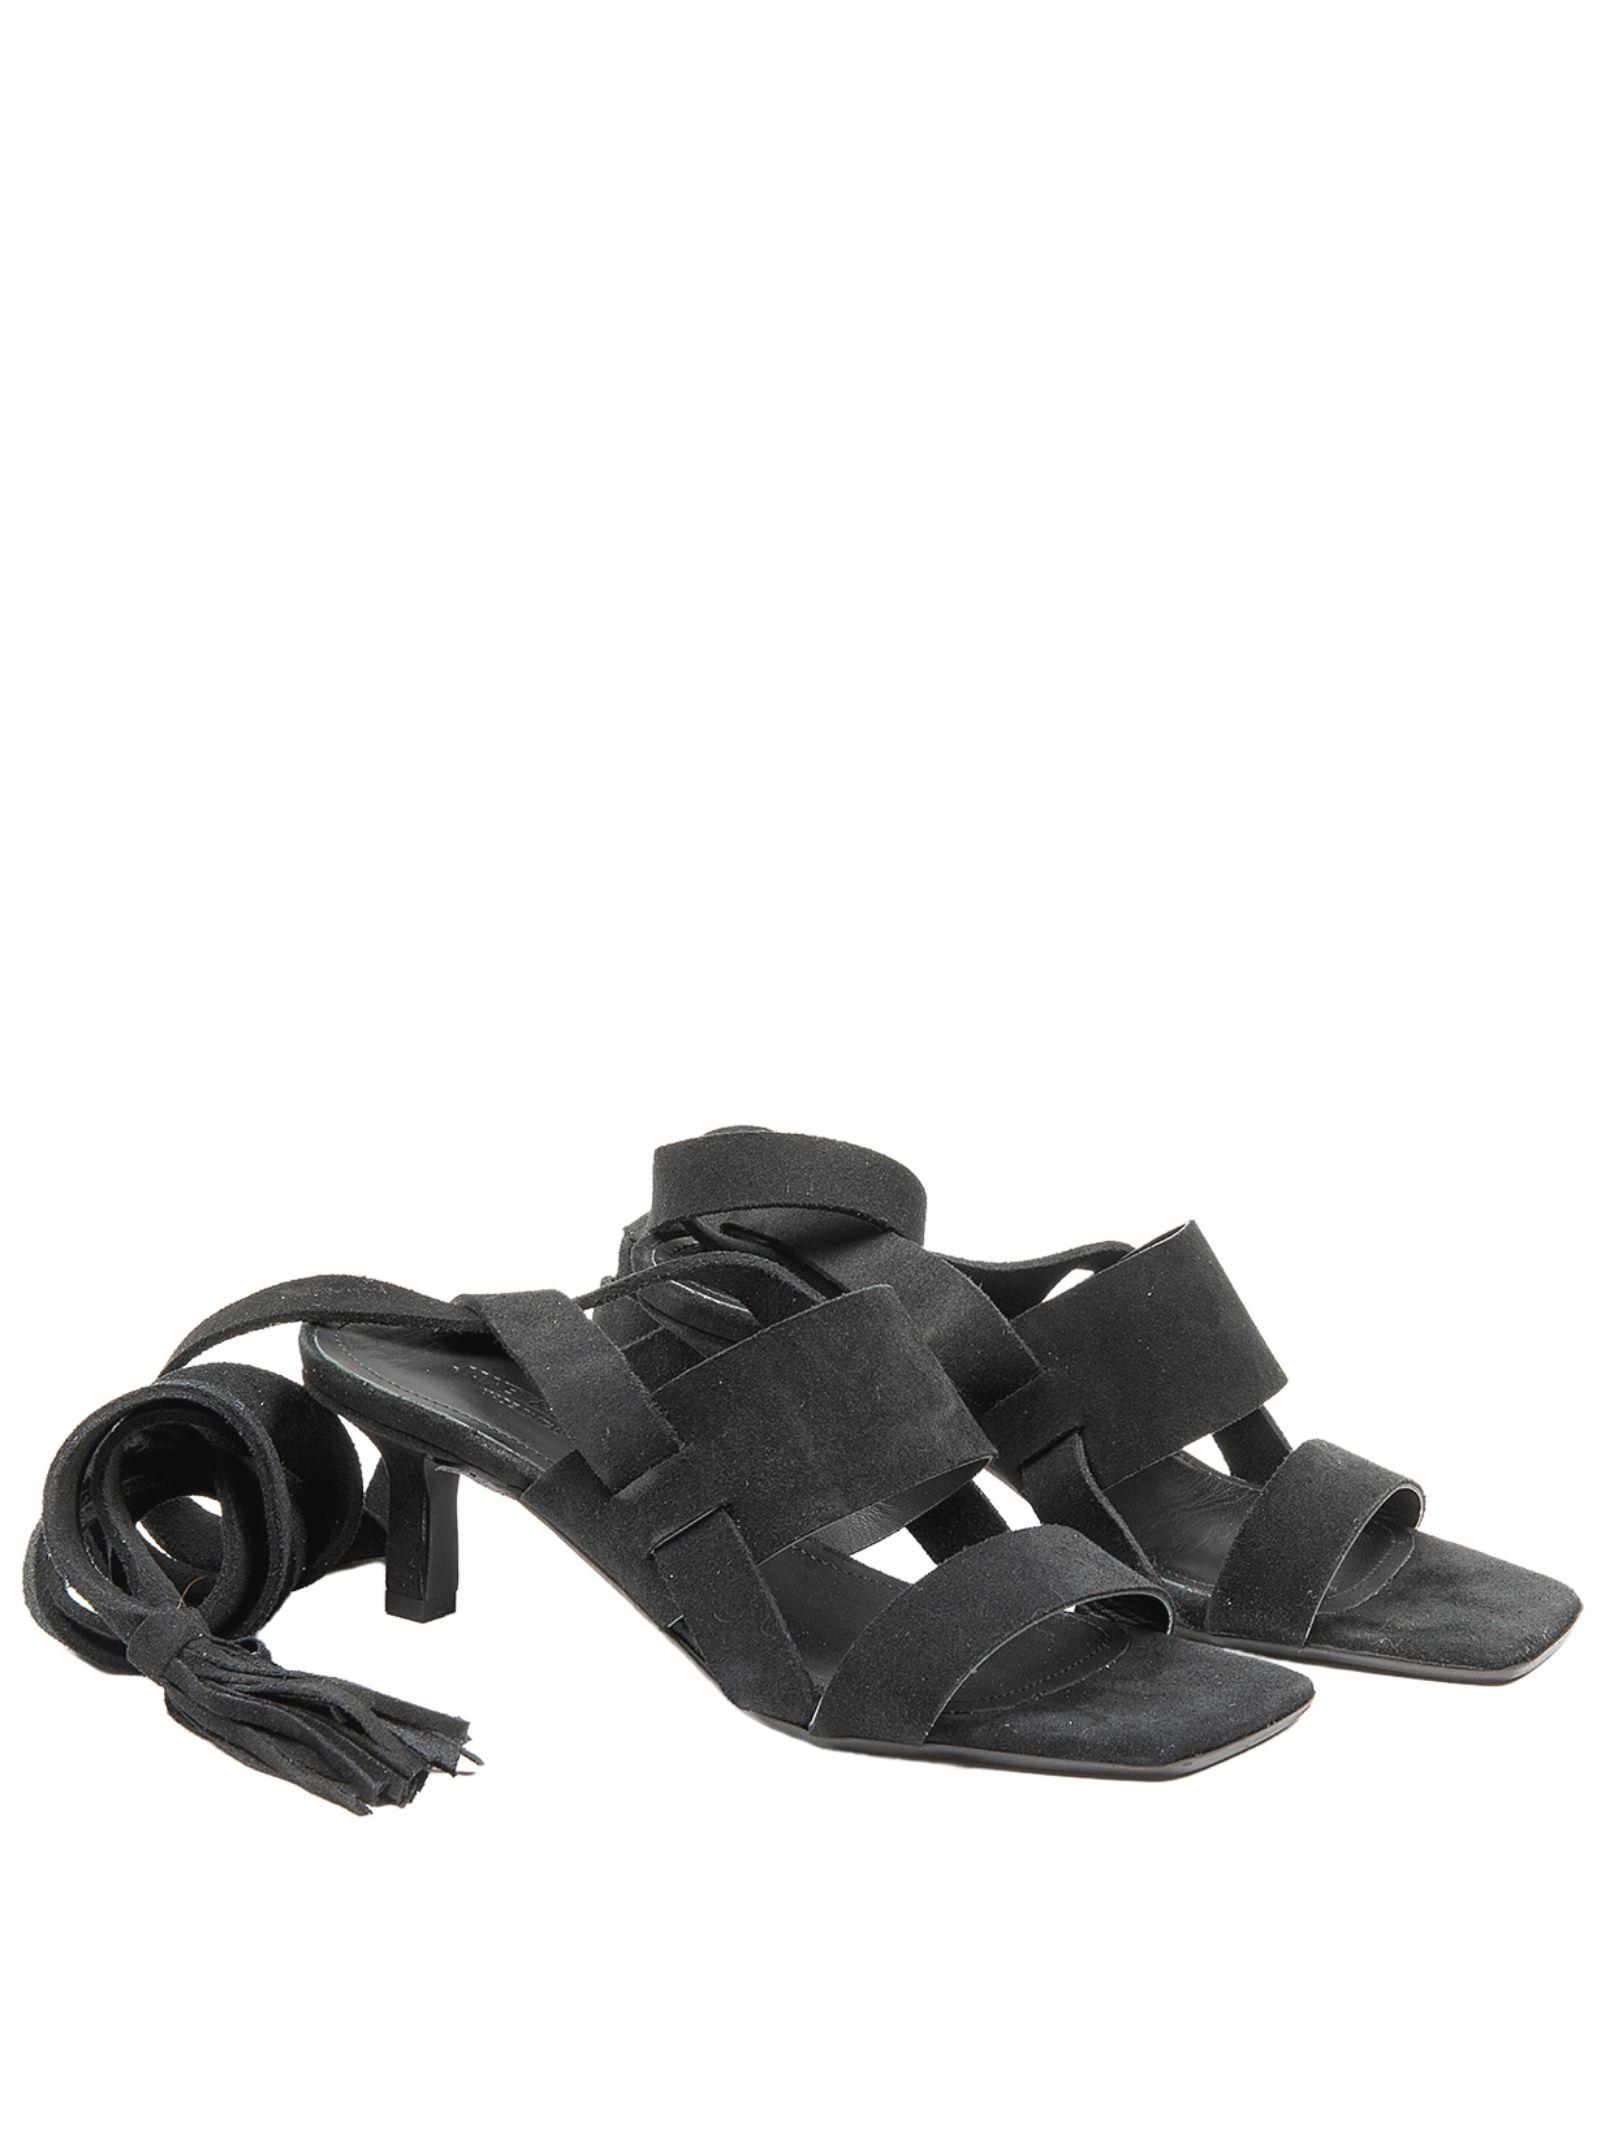 Calzature Donna Sandali in Camoscio Nero con Doppia Fascia e Lacci alla Caviglia Janet & Janet   Sandali   01151001